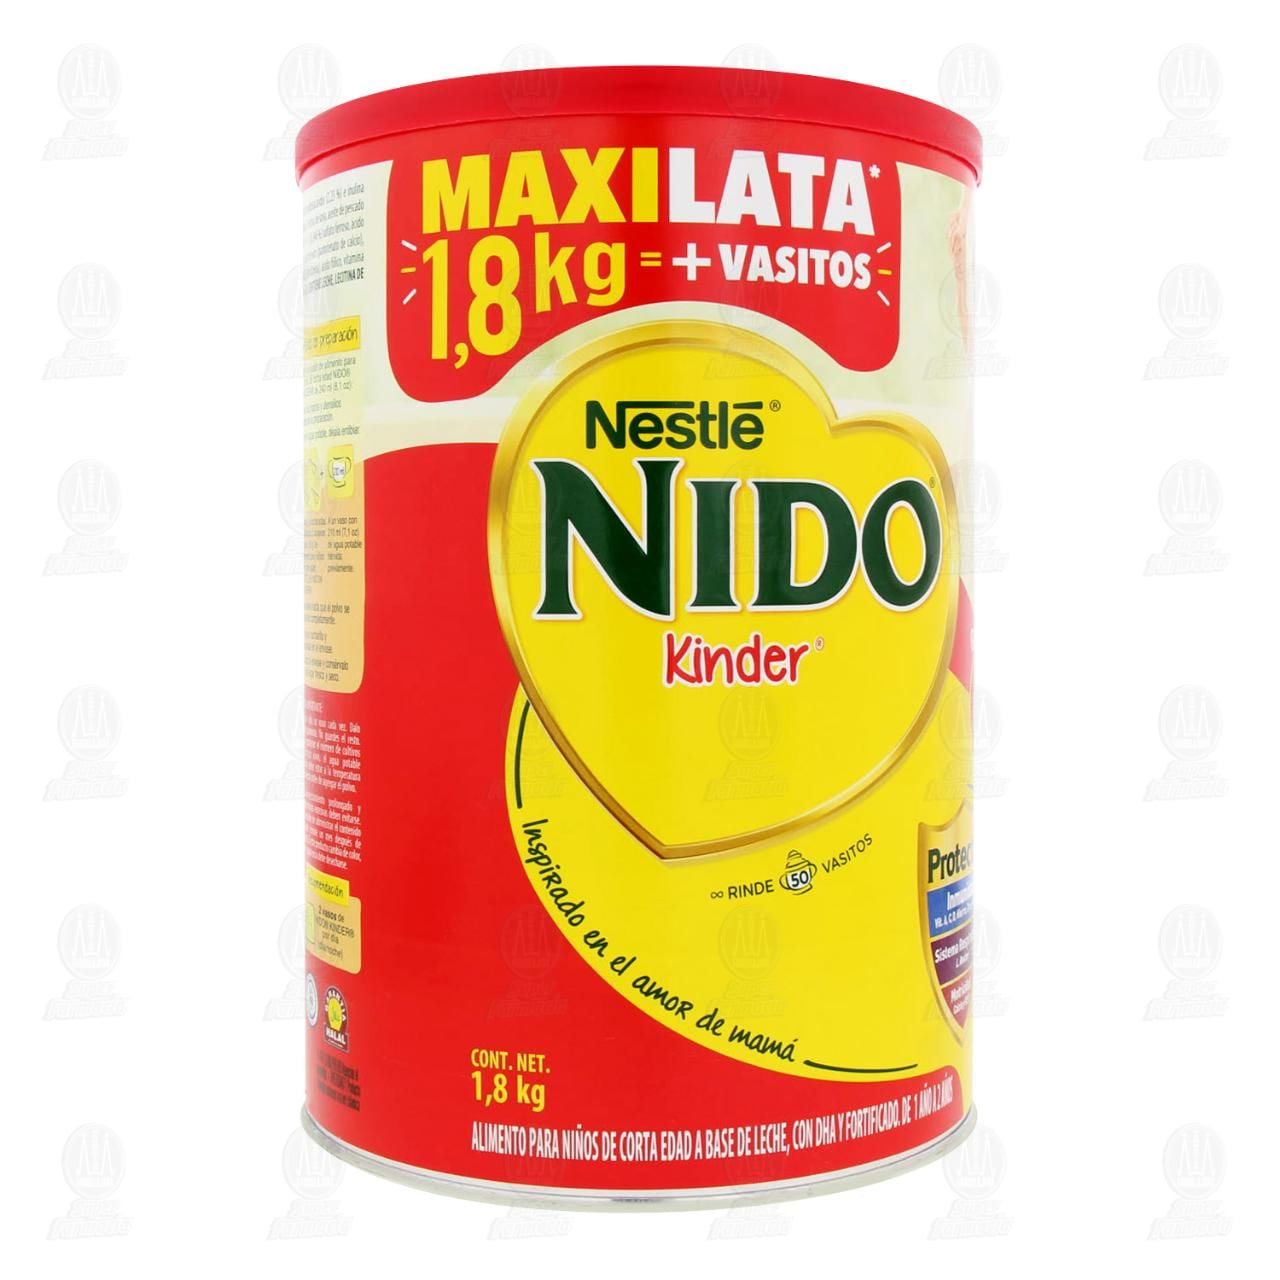 Comprar Alimento para Niños Nido Kinder (A Partir de 1 Año), 1.8 kg. en Farmacias Guadalajara